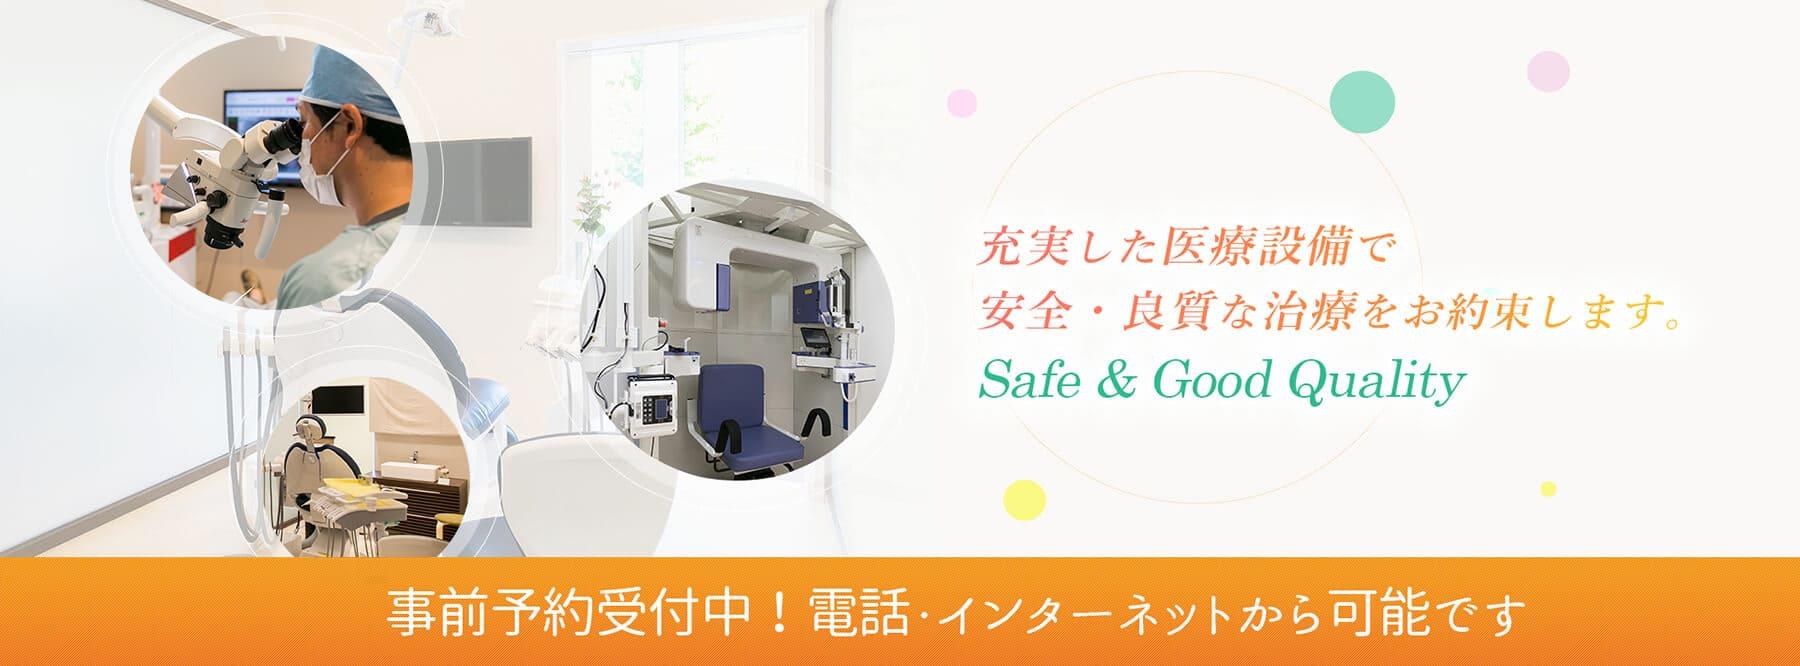 充実した医療設備で安全・良質な治療をお約束します。(